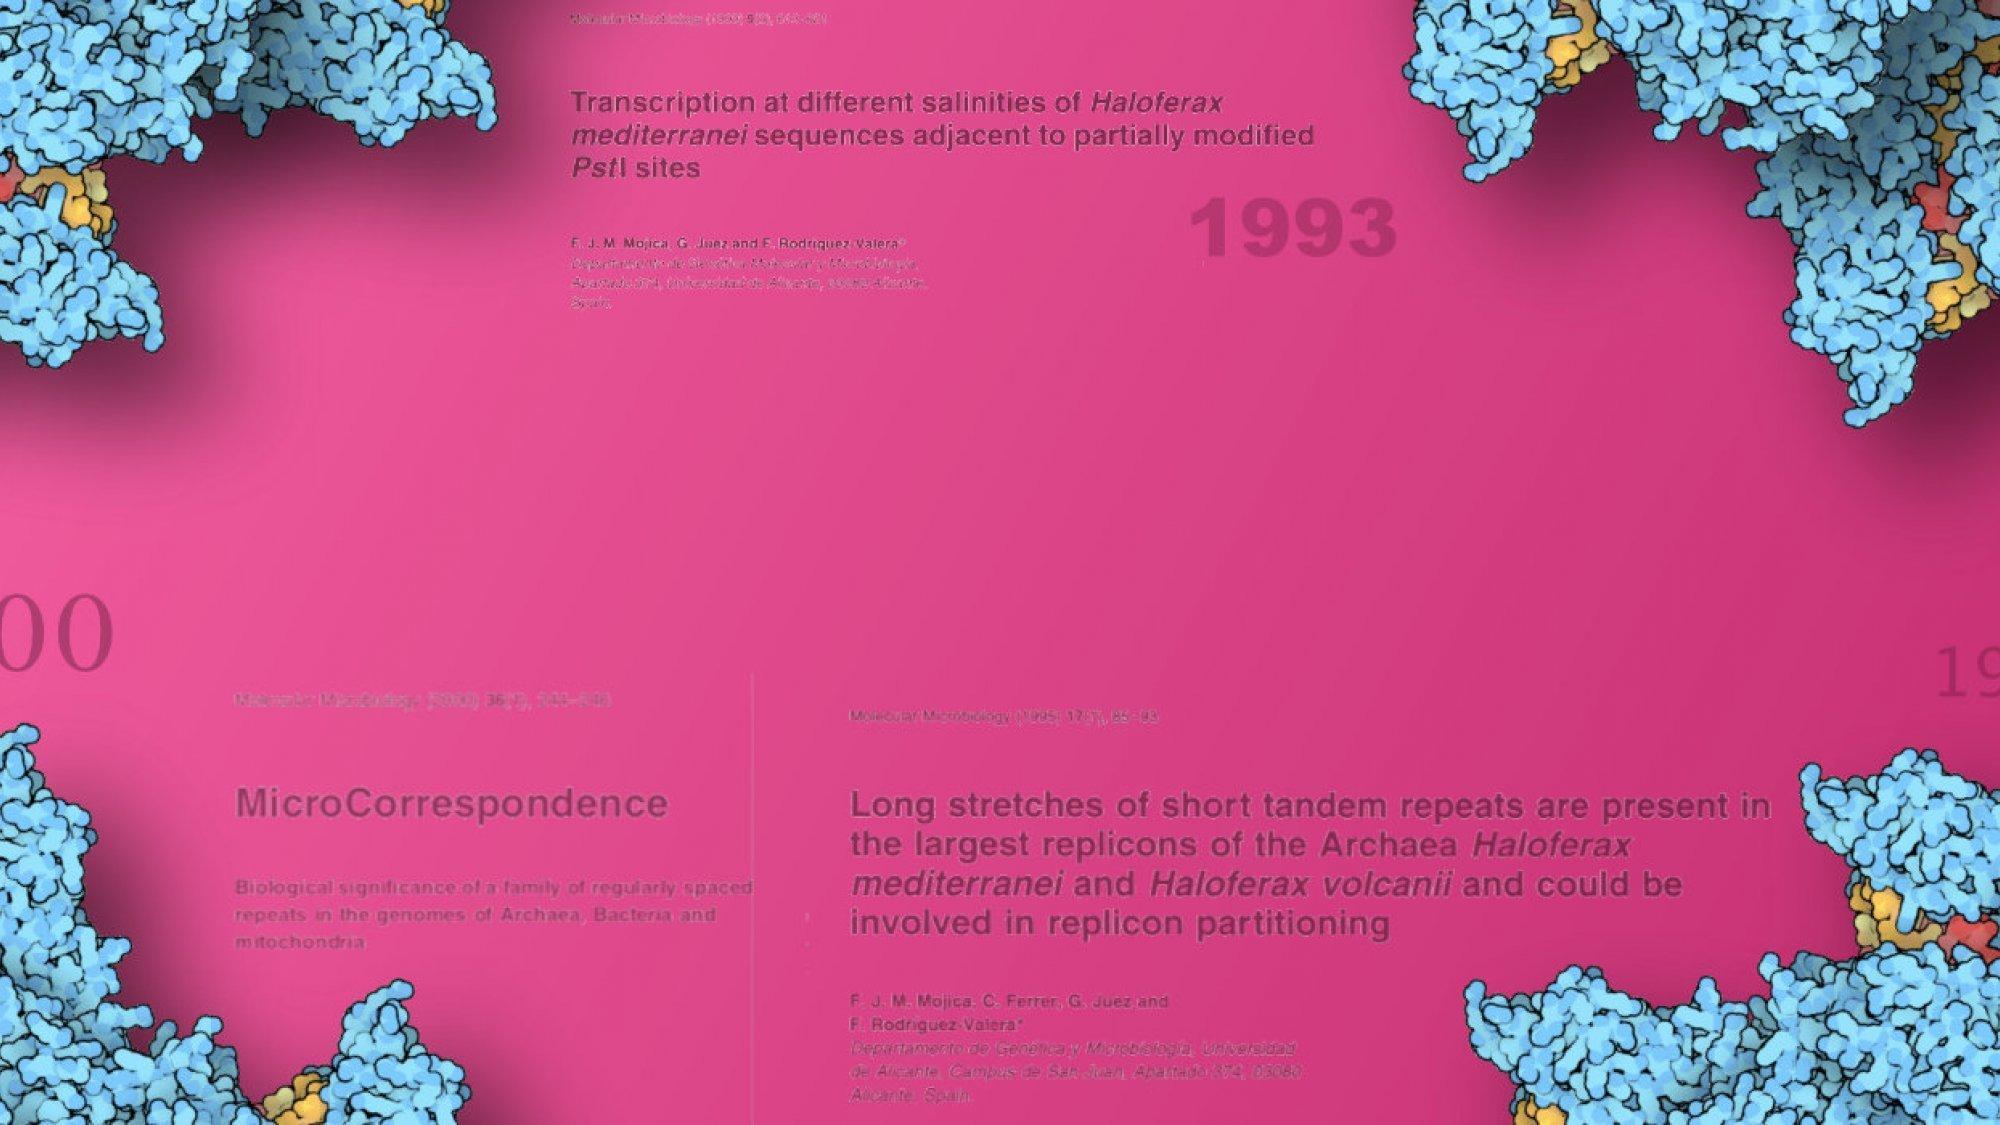 Blaue Cas9-Moleküle umkränzen den Titel dieses Artikels vor himbeerrotem Hintergrund in den die Titel wichtiger Fachartikel Mojicas eingeblendet sind.